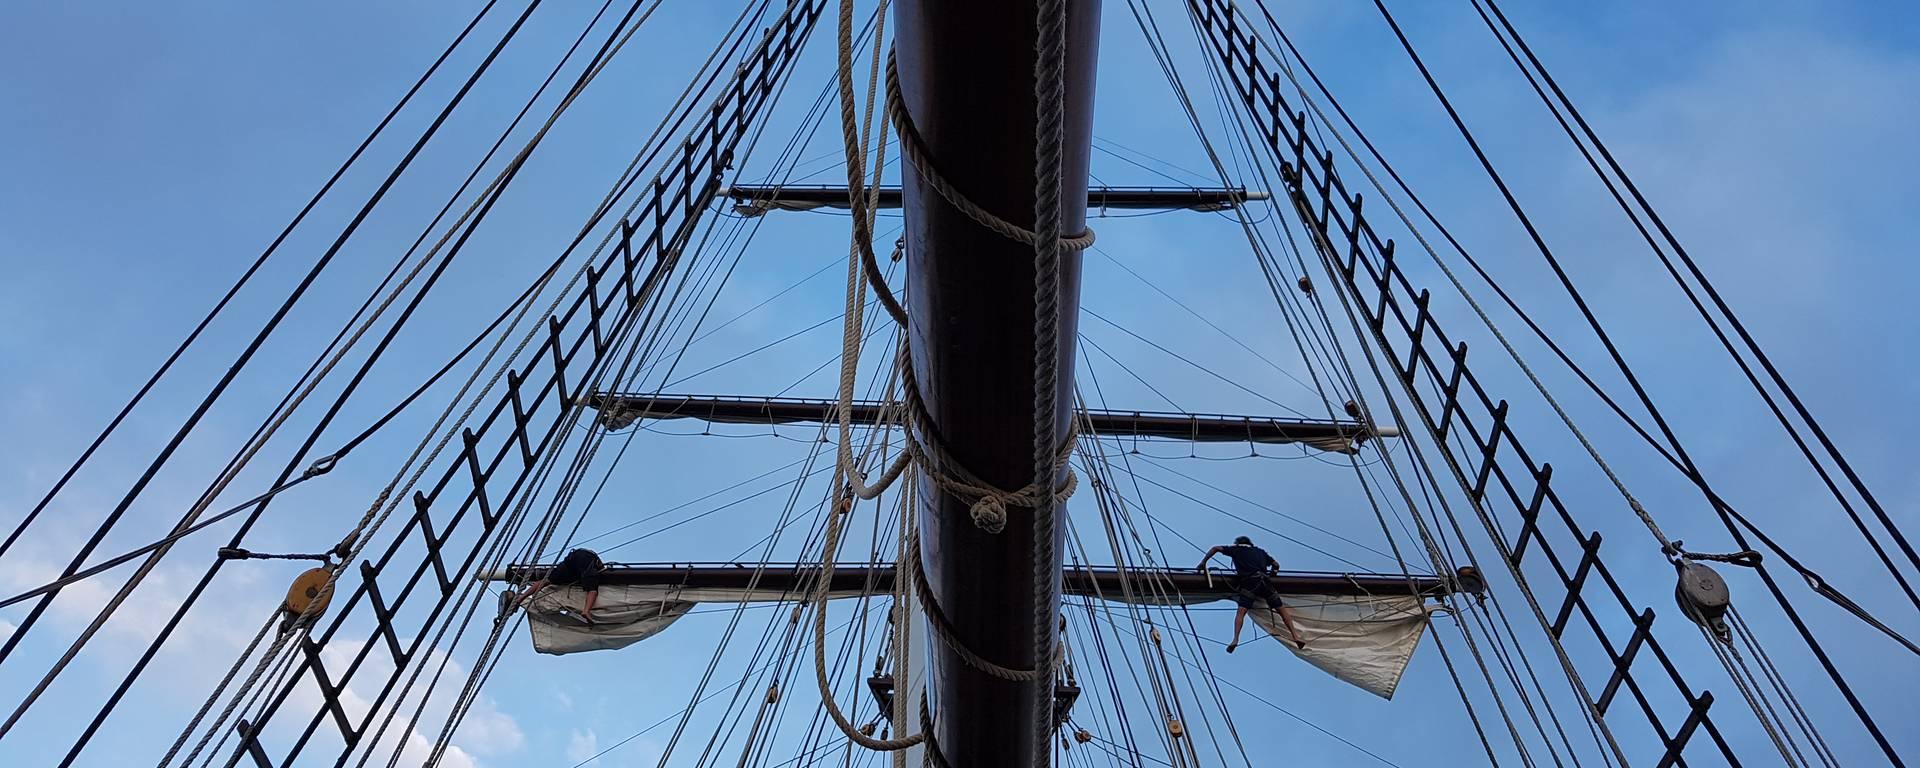 Les acrobates en haut du mât